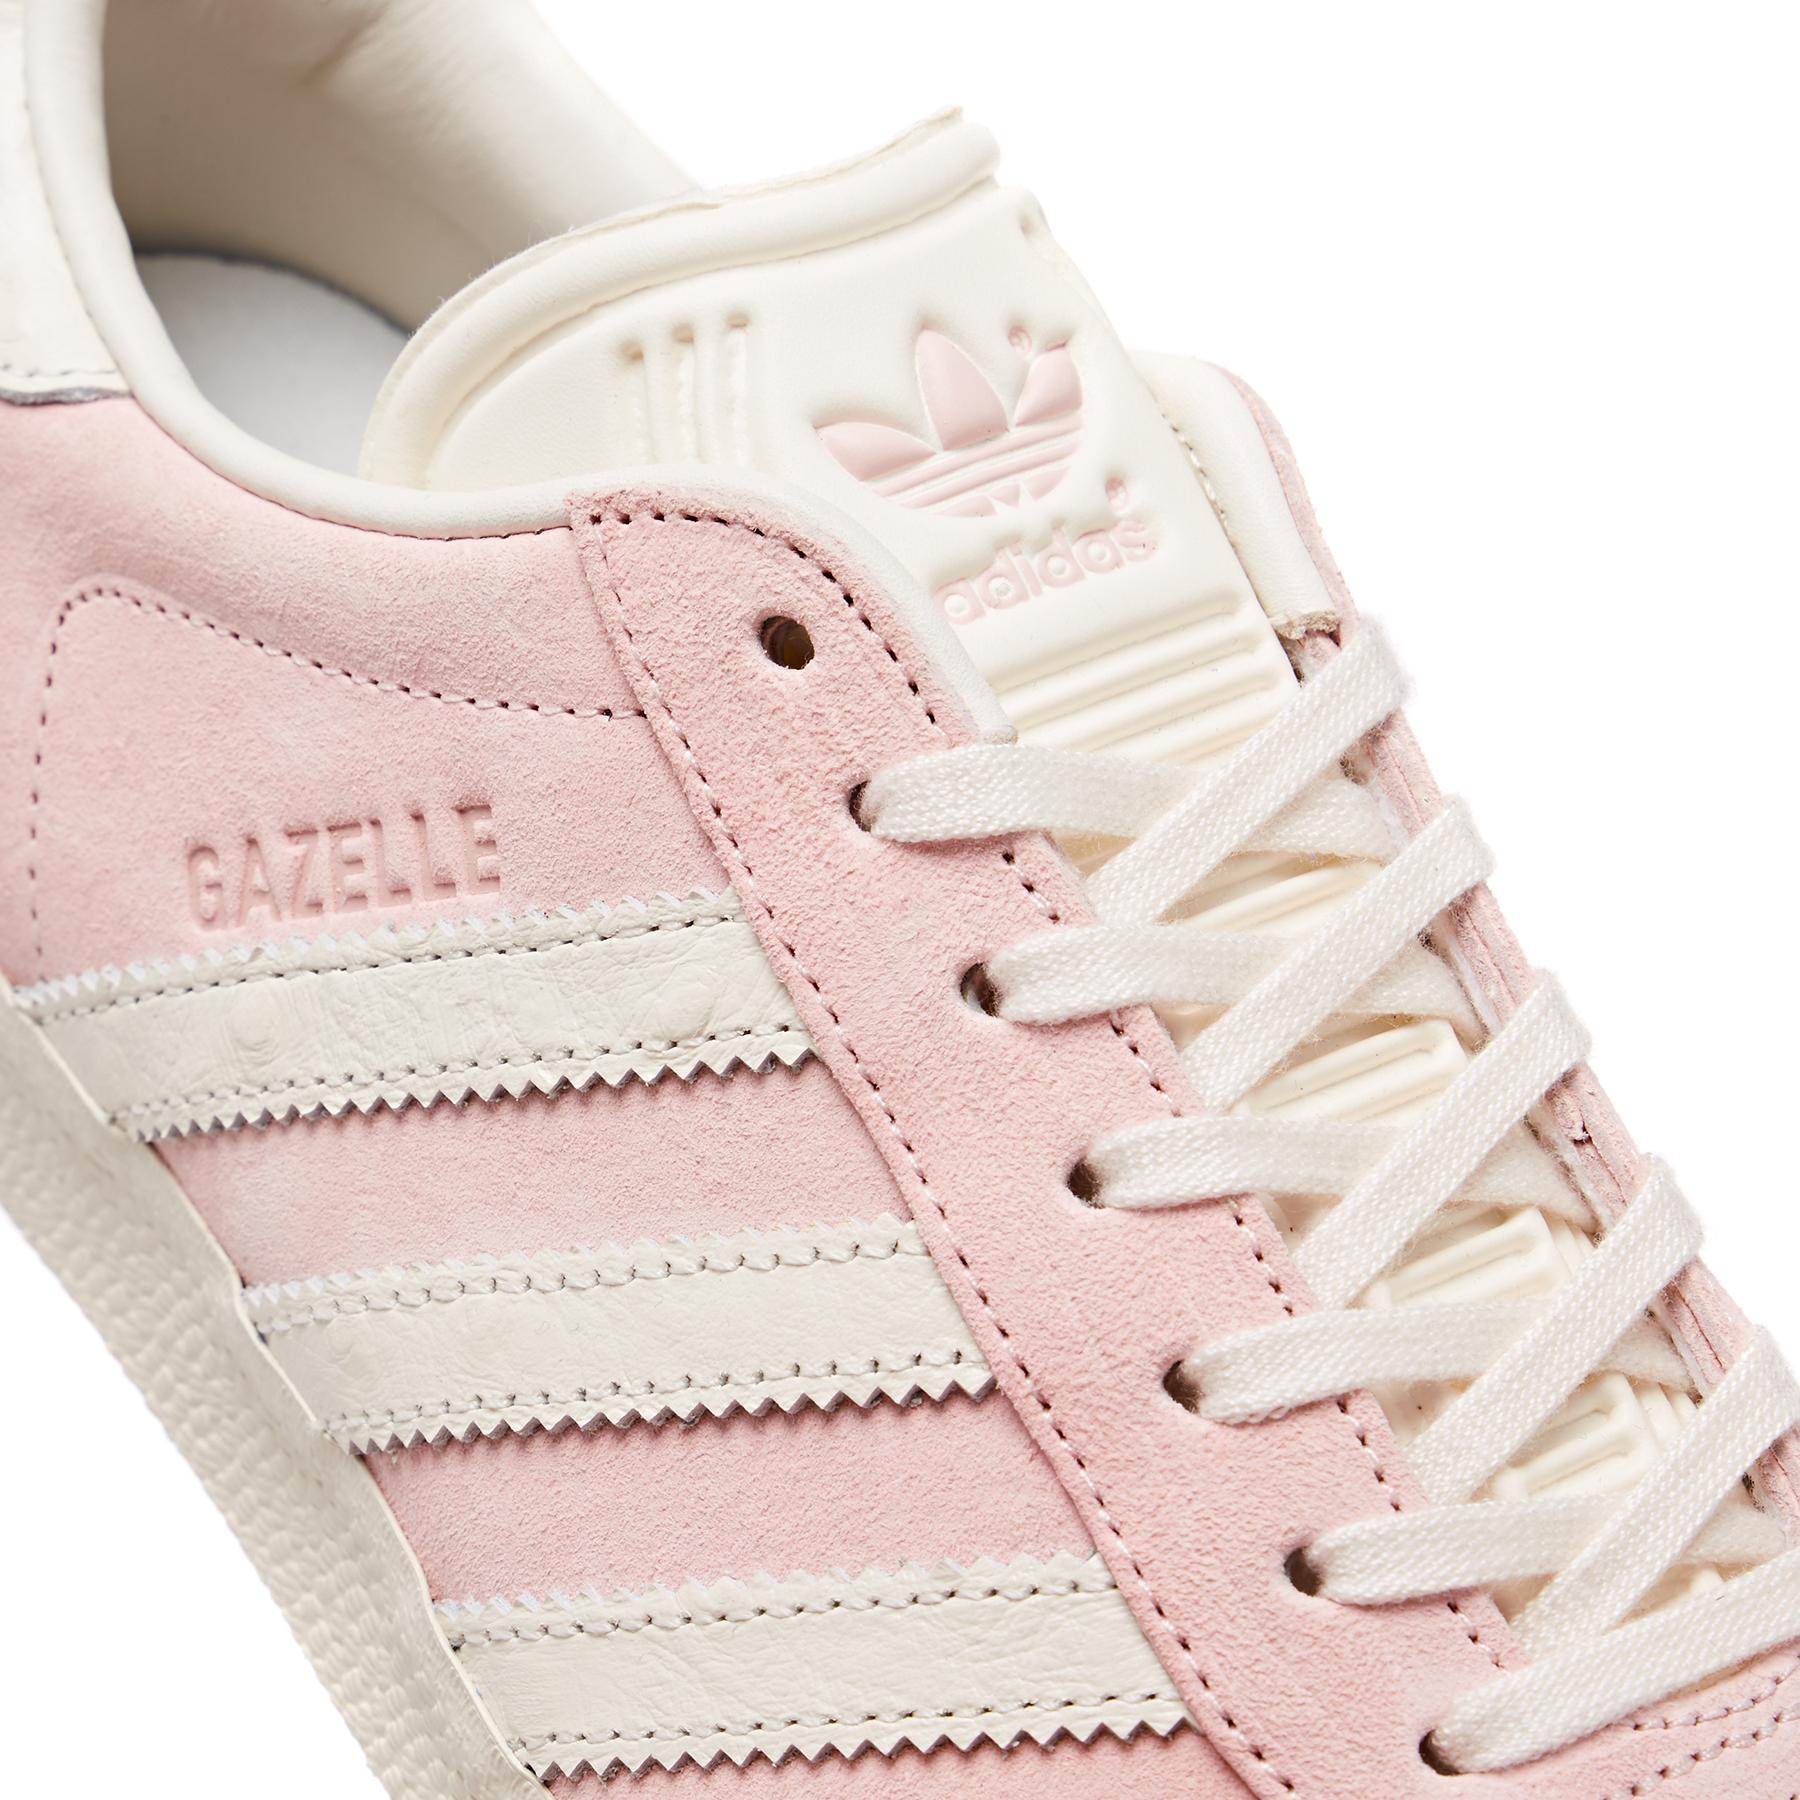 adidas por roupa sapato meninas